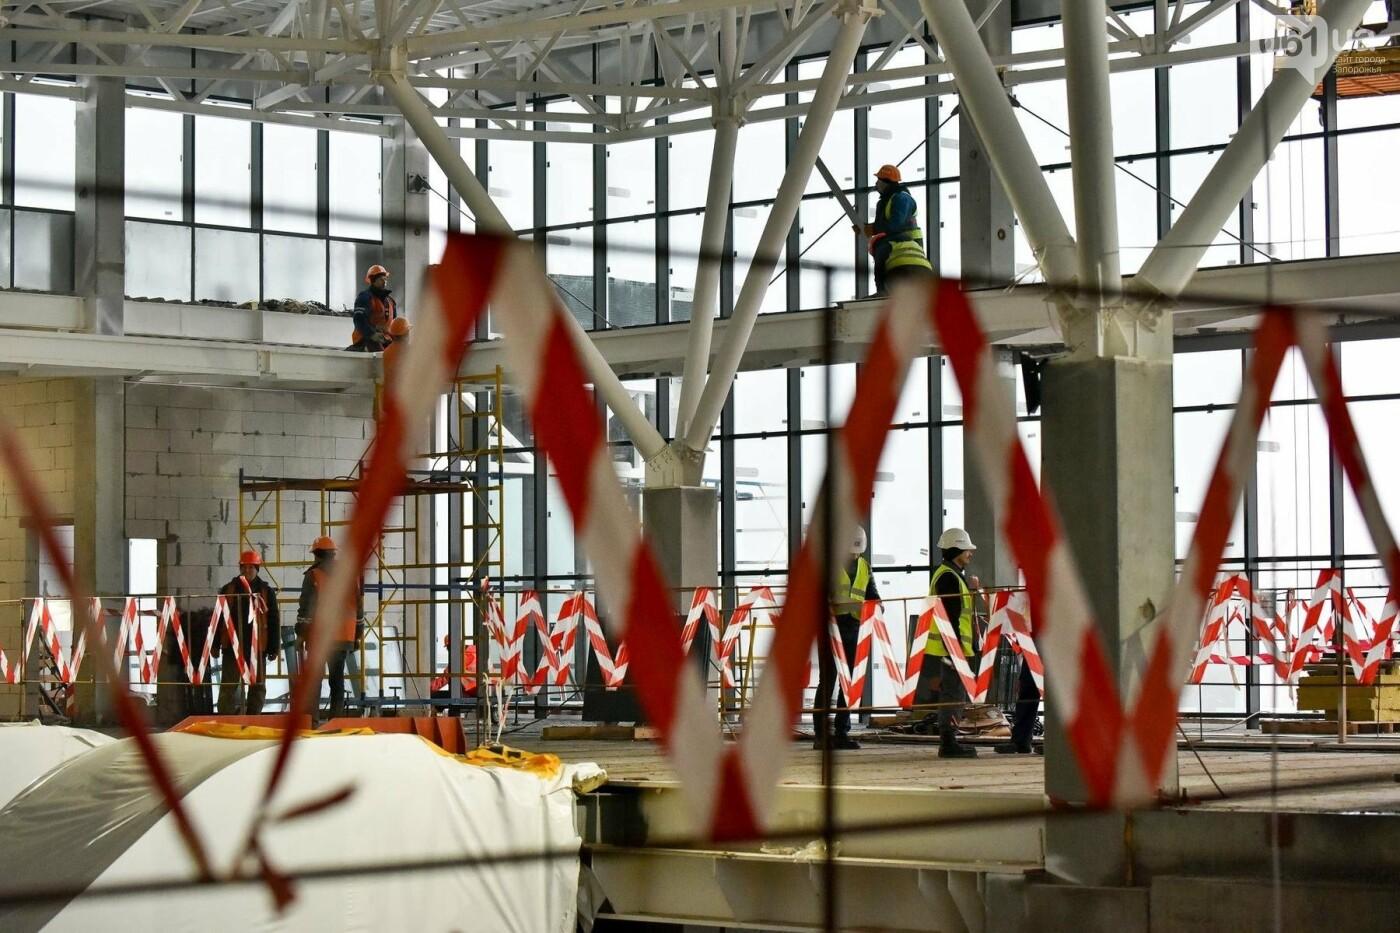 Запорожский аэропорт возьмет кредит на строительство терминала и прогнозирует увеличение пассажиропотока до одного миллиона, — ФОТОРЕПОРТАЖ, фото-13